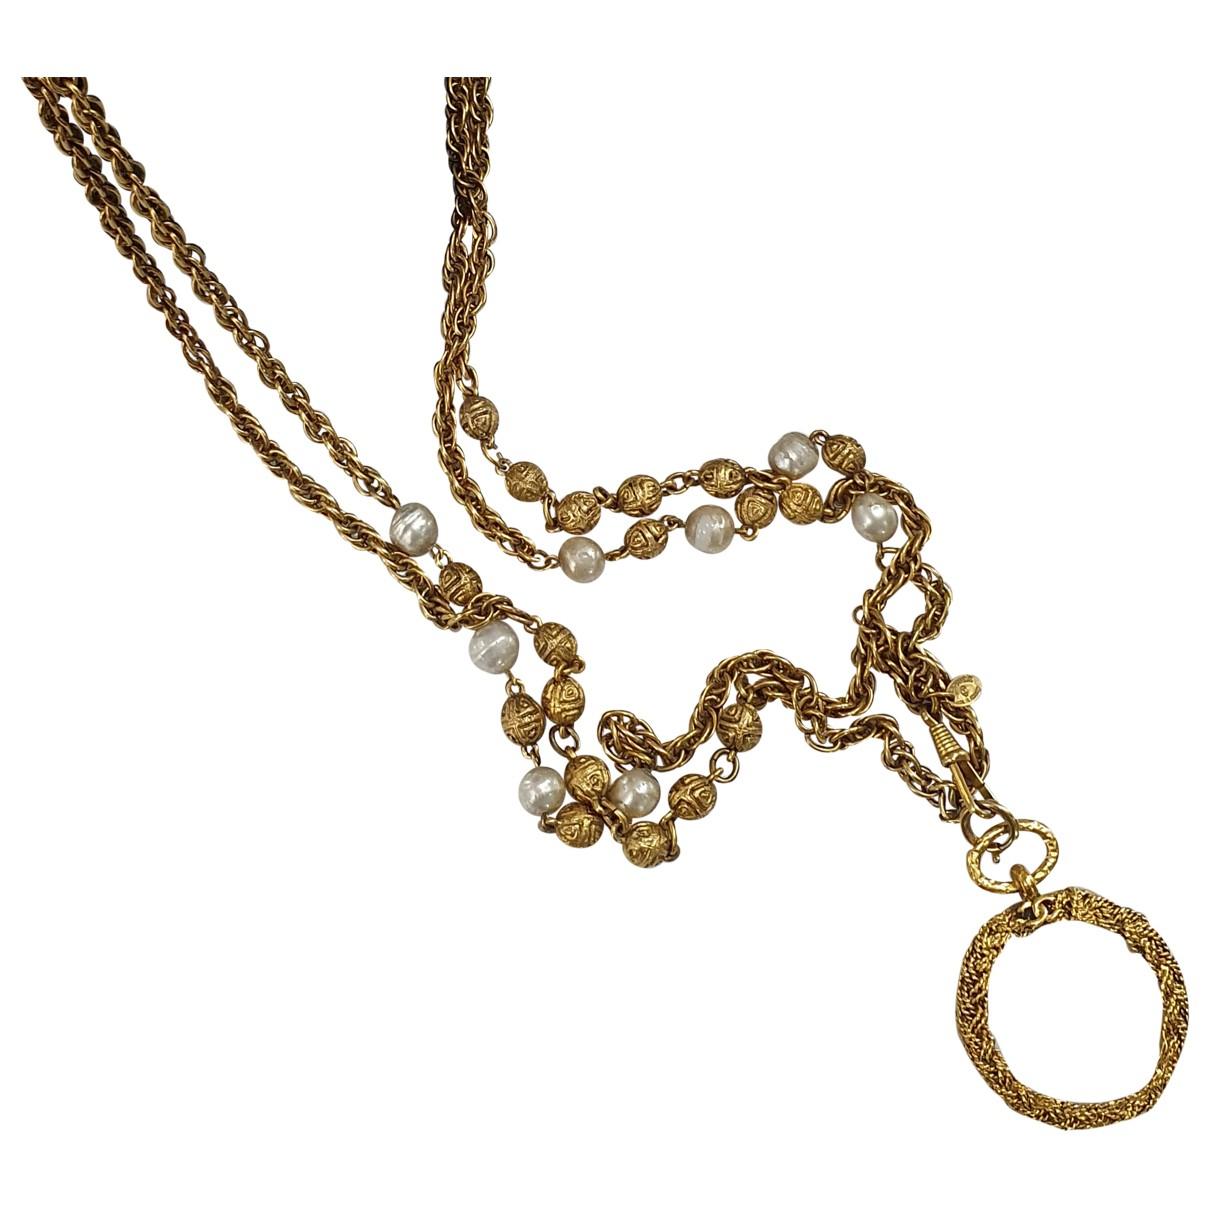 Chanel - Sautoir CHANEL pour femme en plaque or - dore